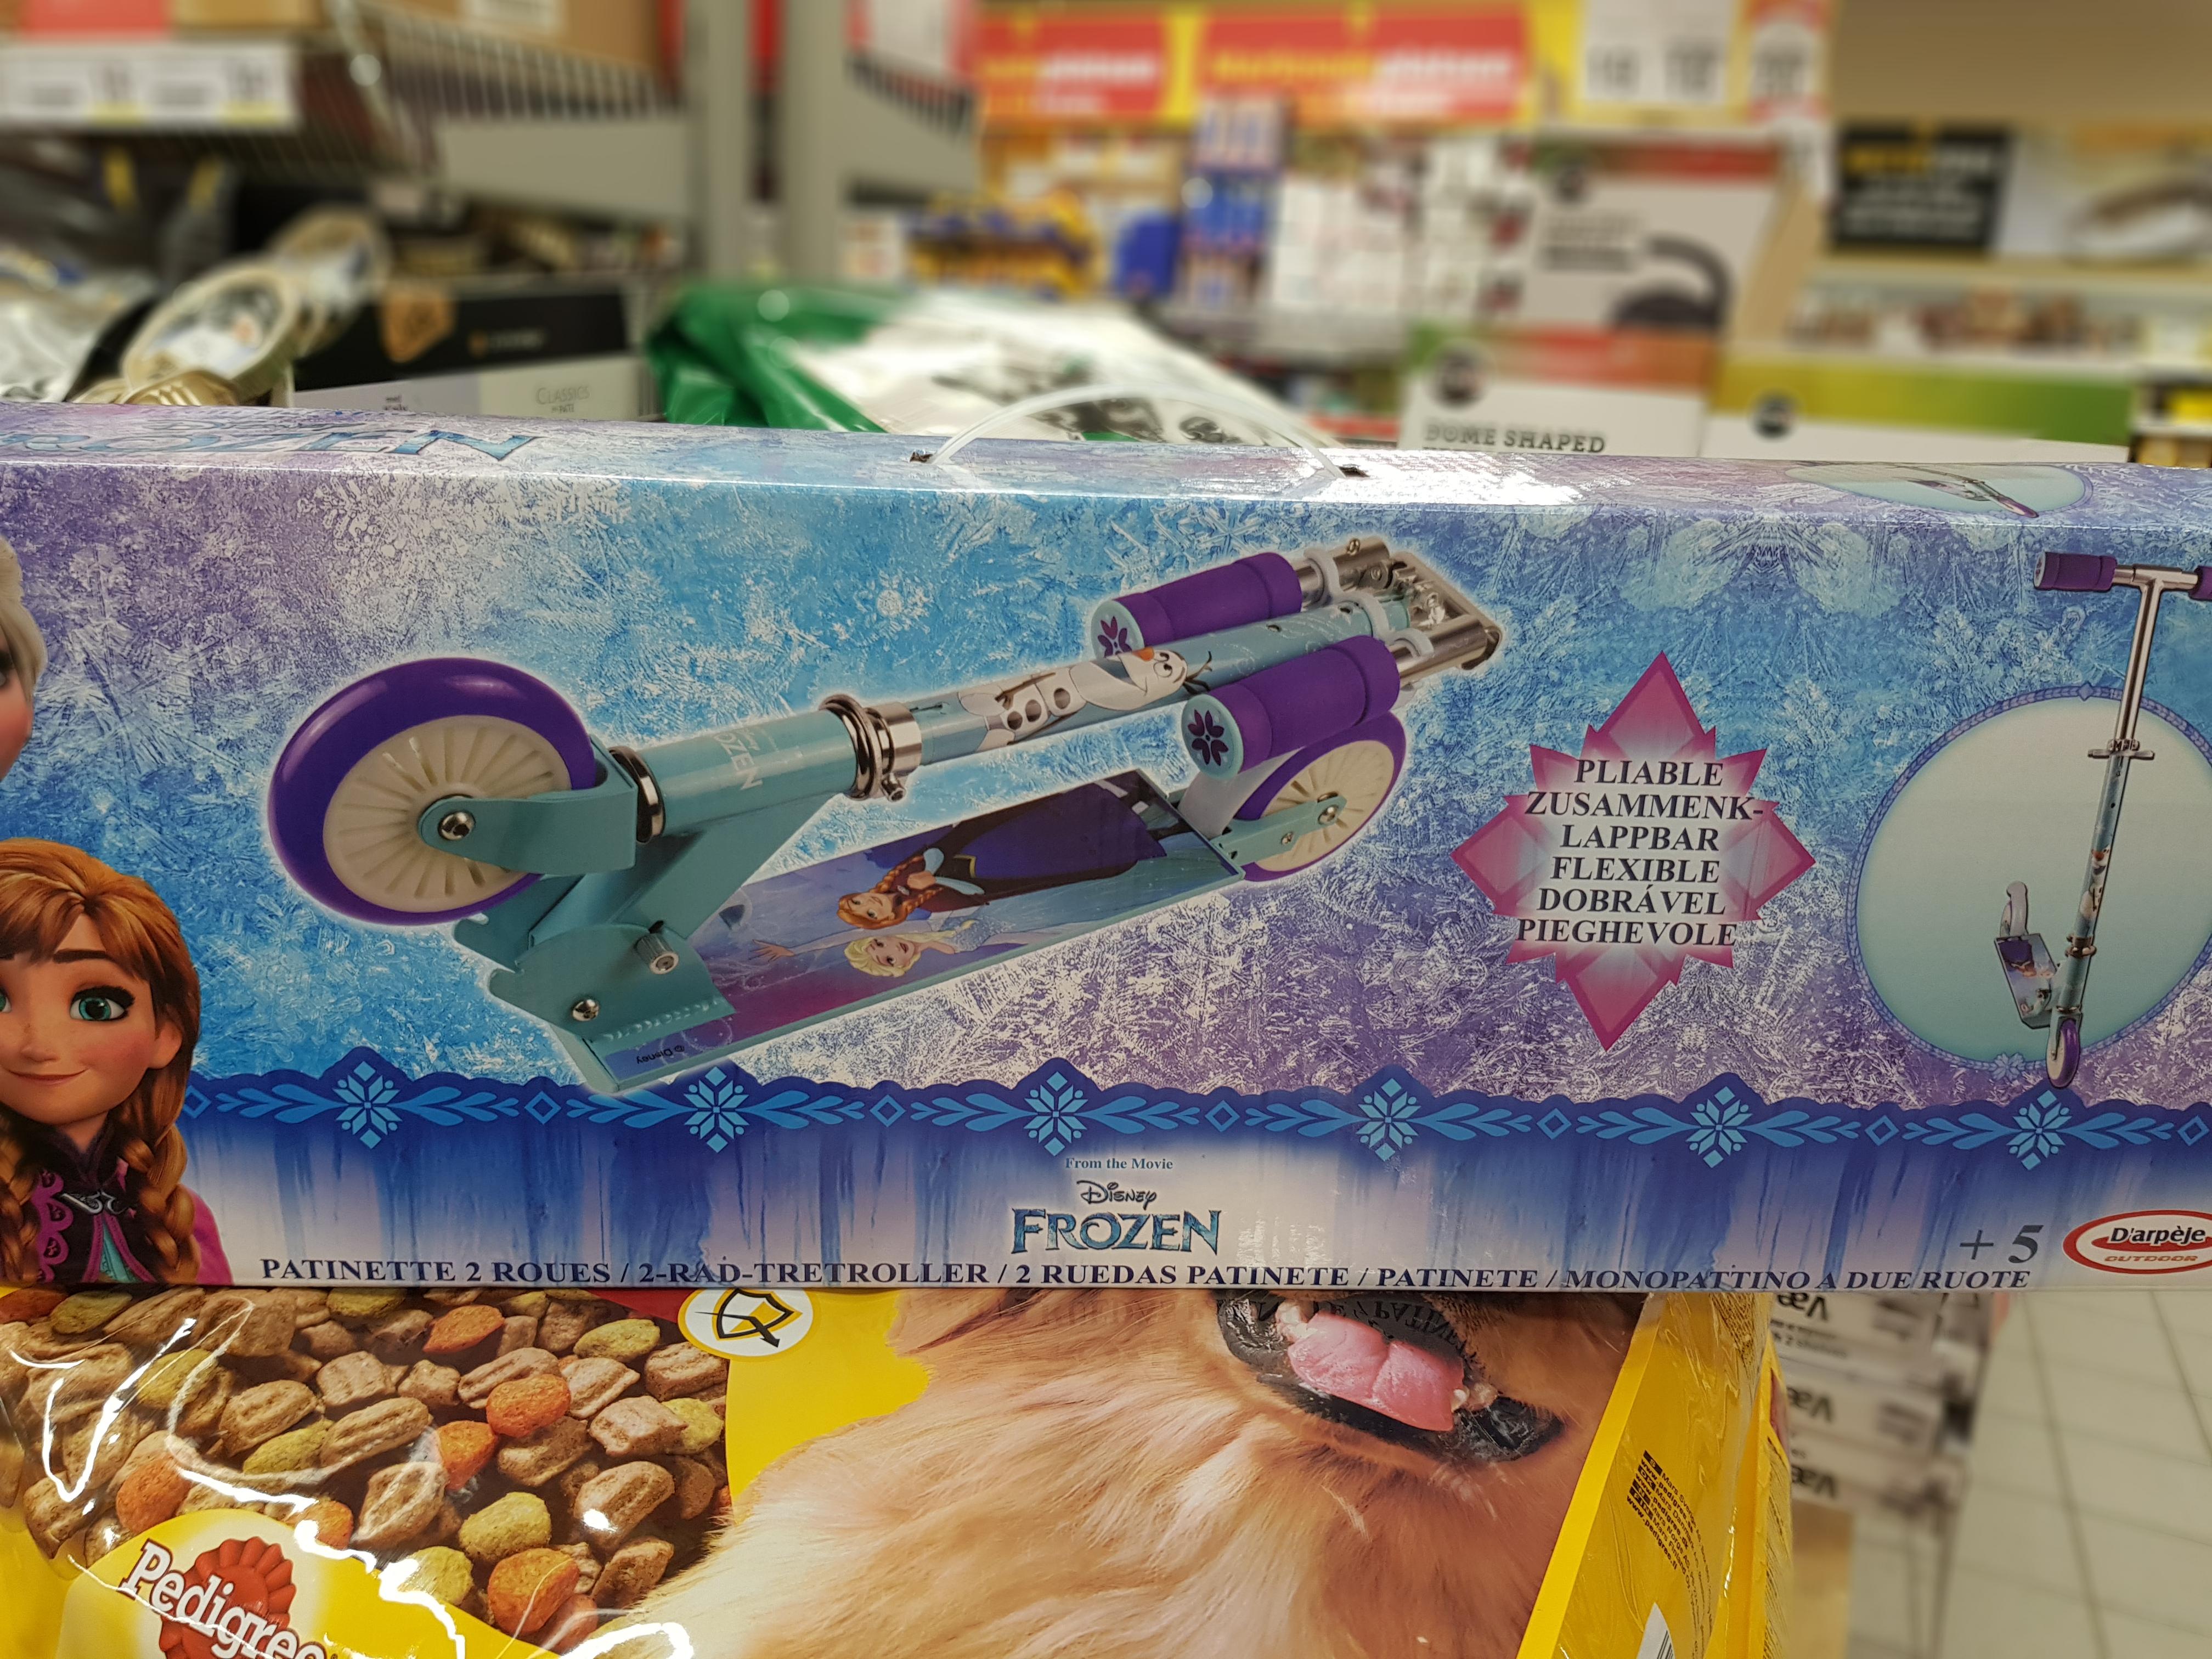 Frost sparkcykel från Netto